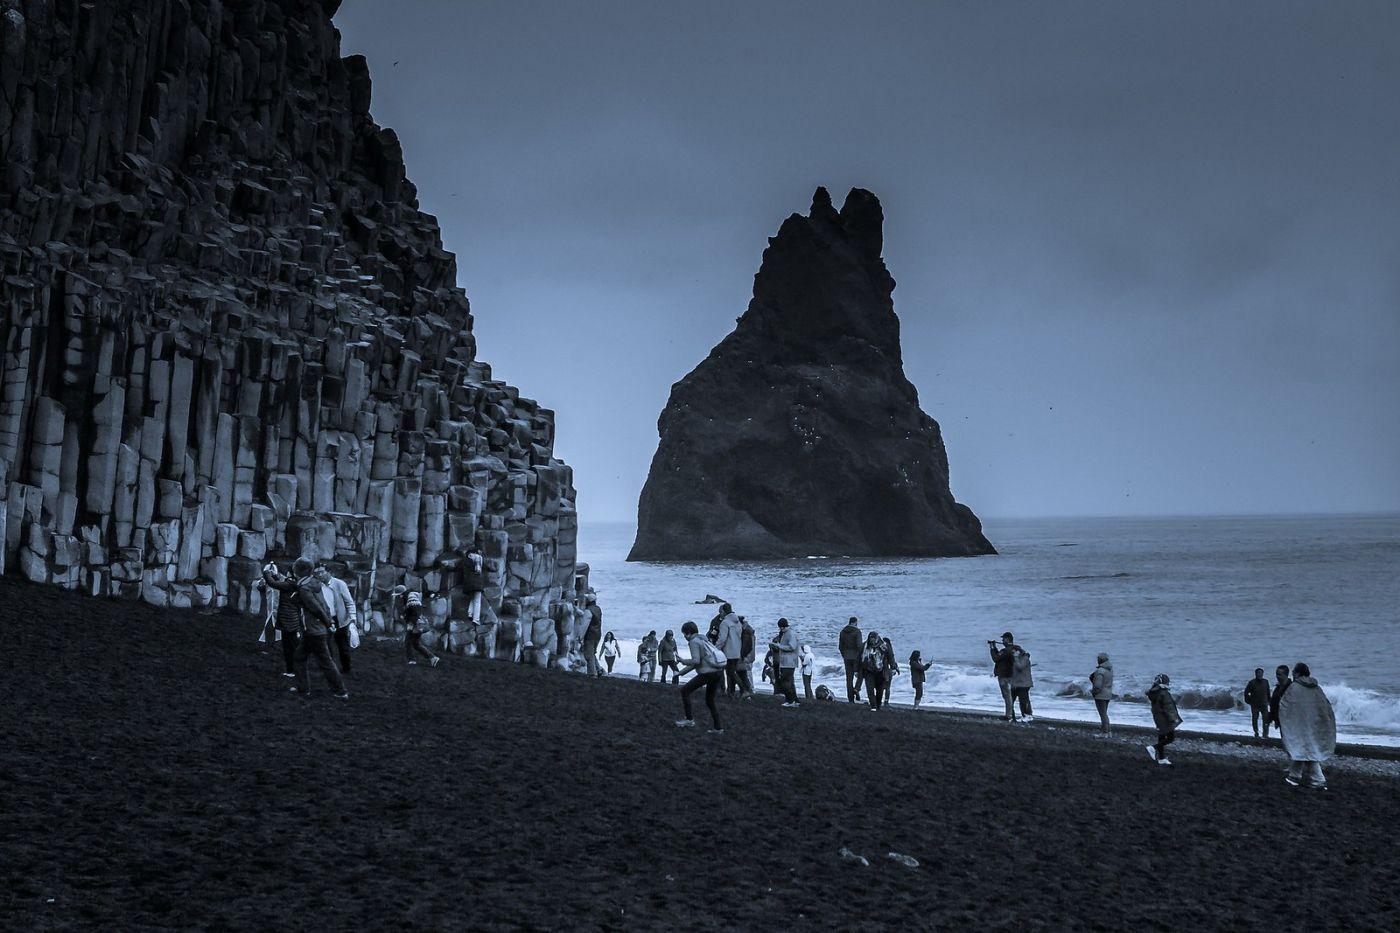 冰岛雷尼斯法加拉黑沙滩(Reynisfjara Black Sand Beach)_图1-16